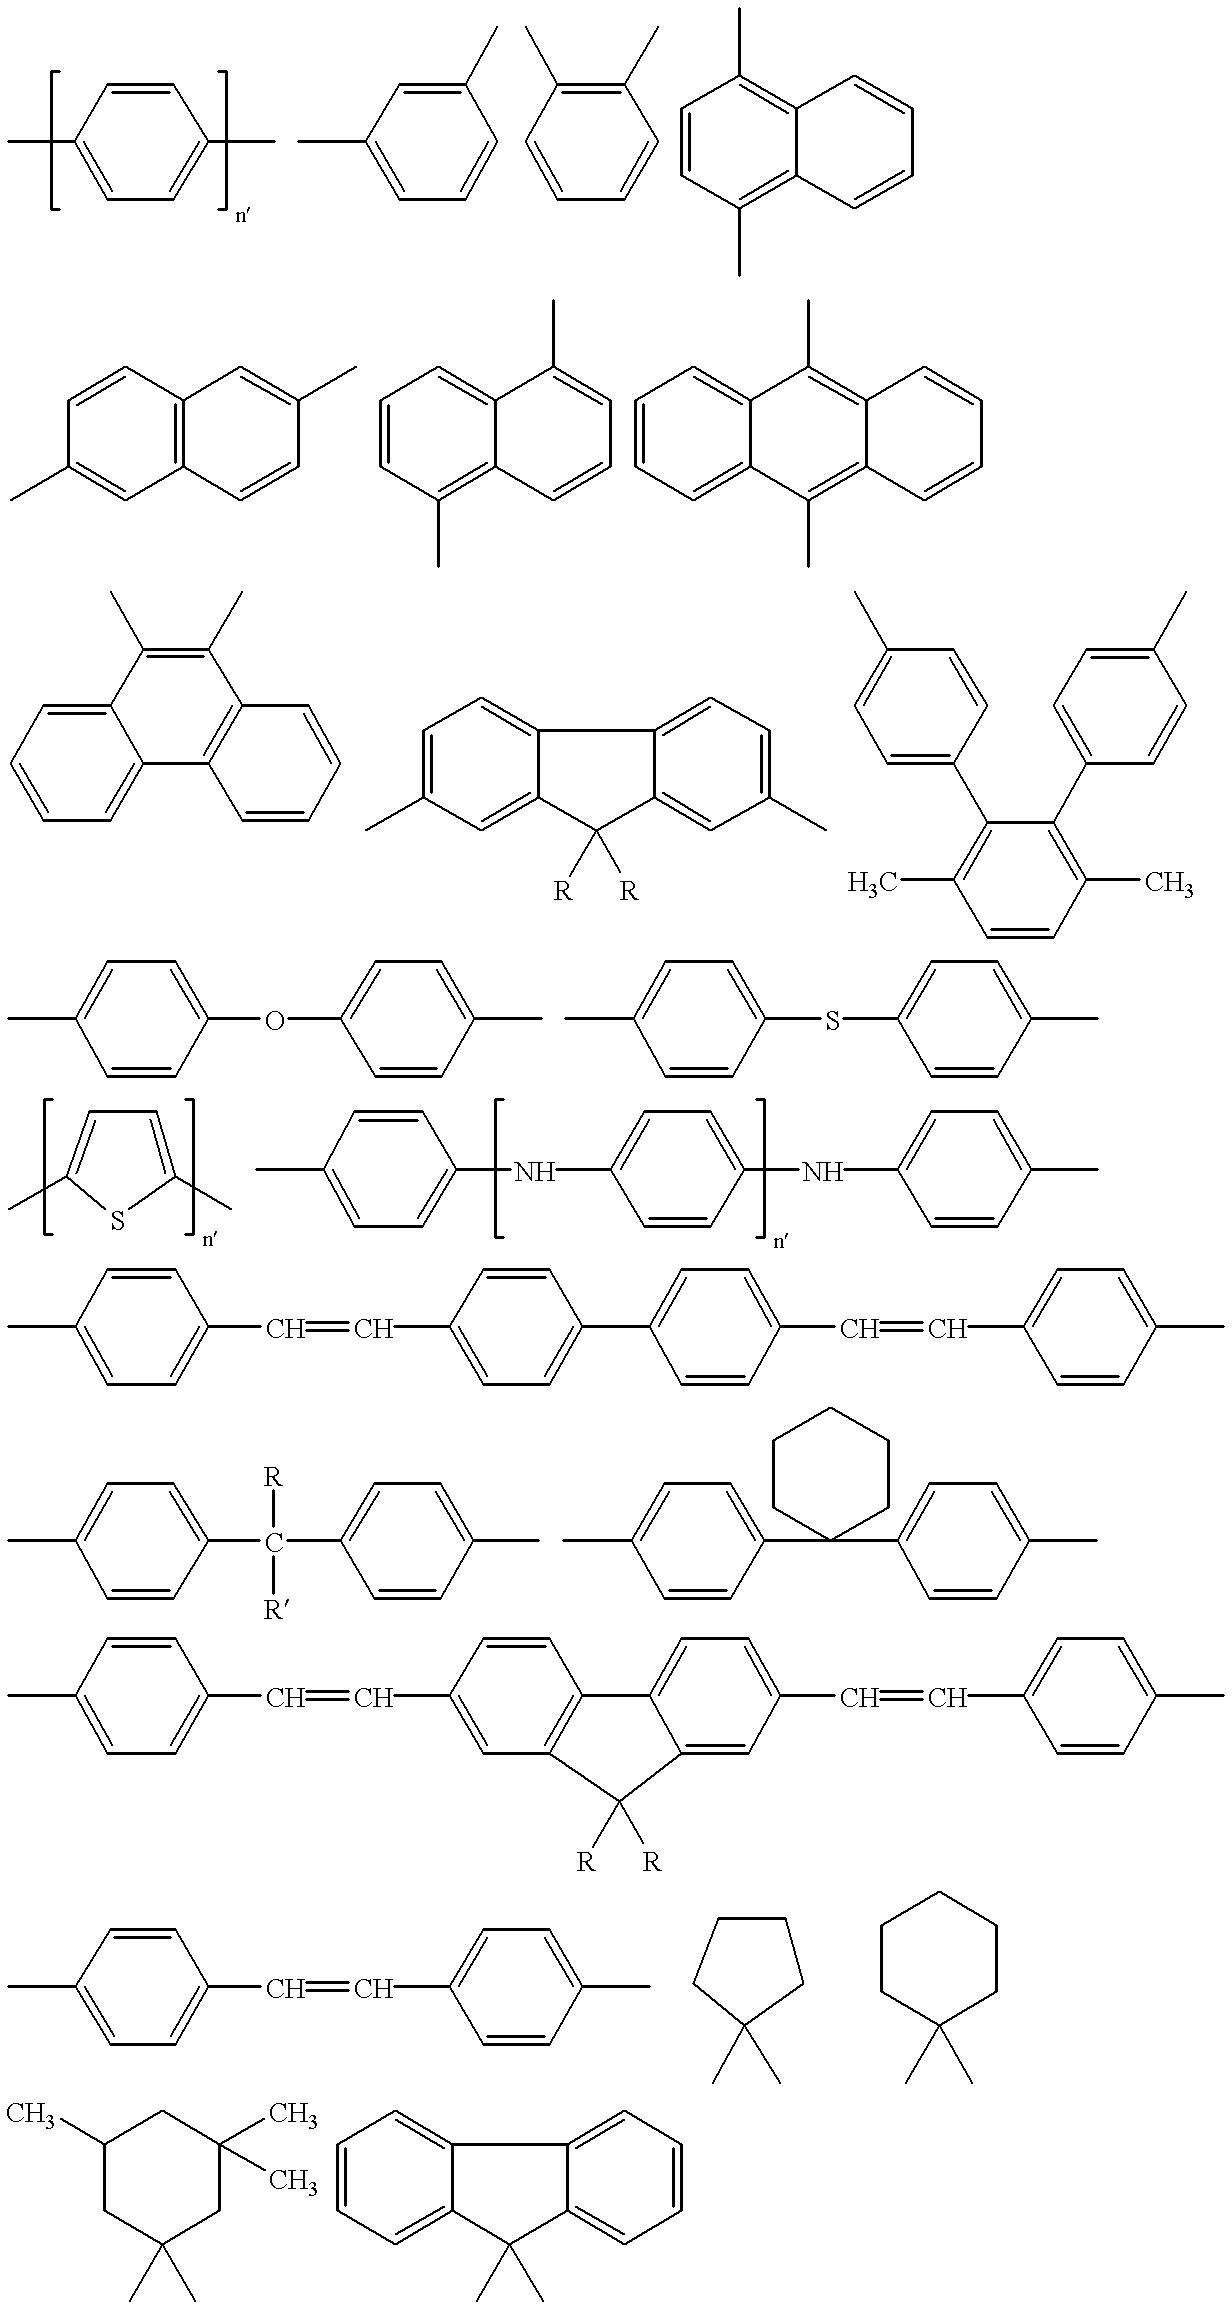 Figure US06289196-20010911-C00002